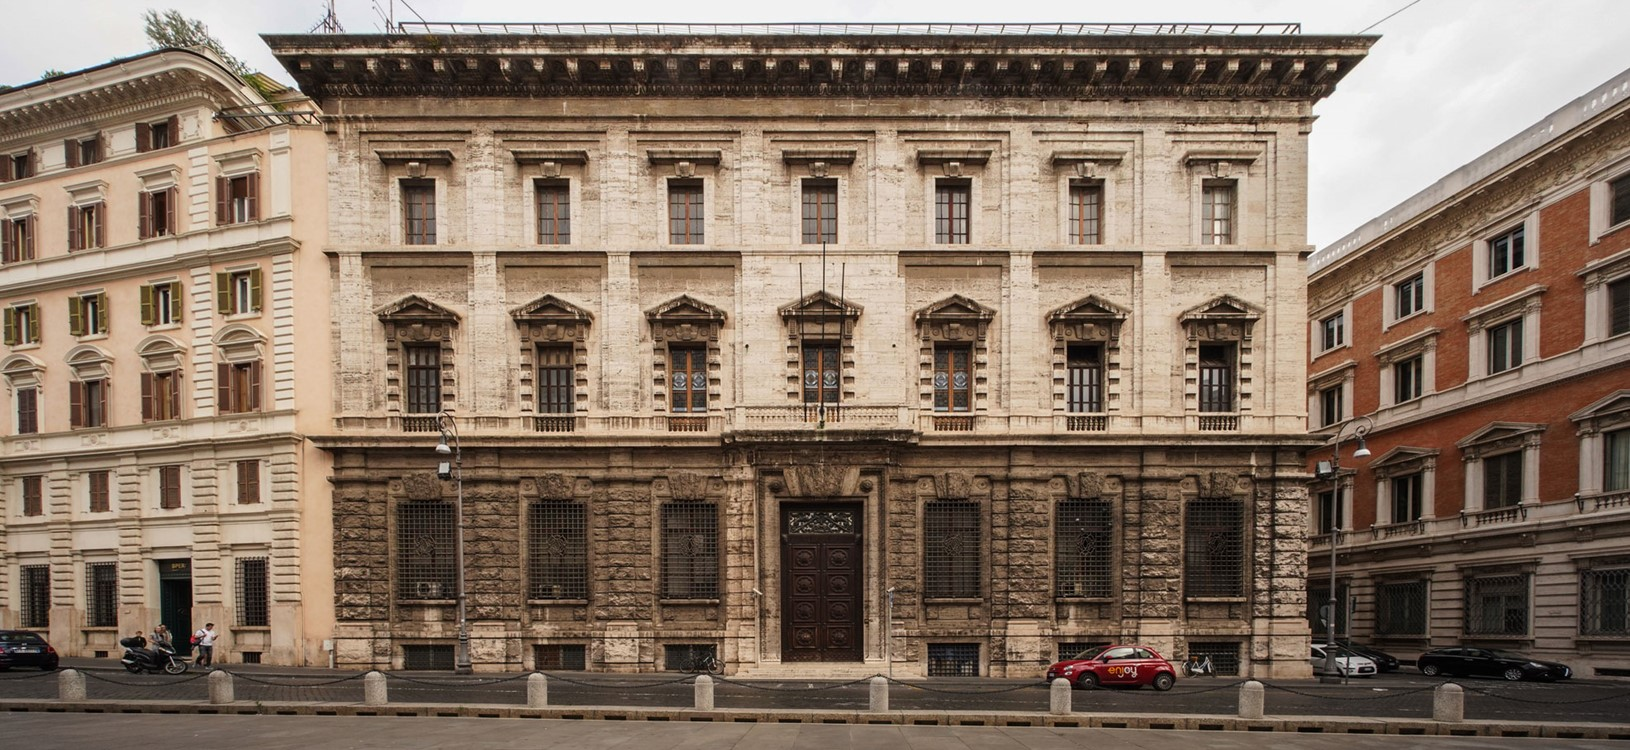 corinthia rome facade